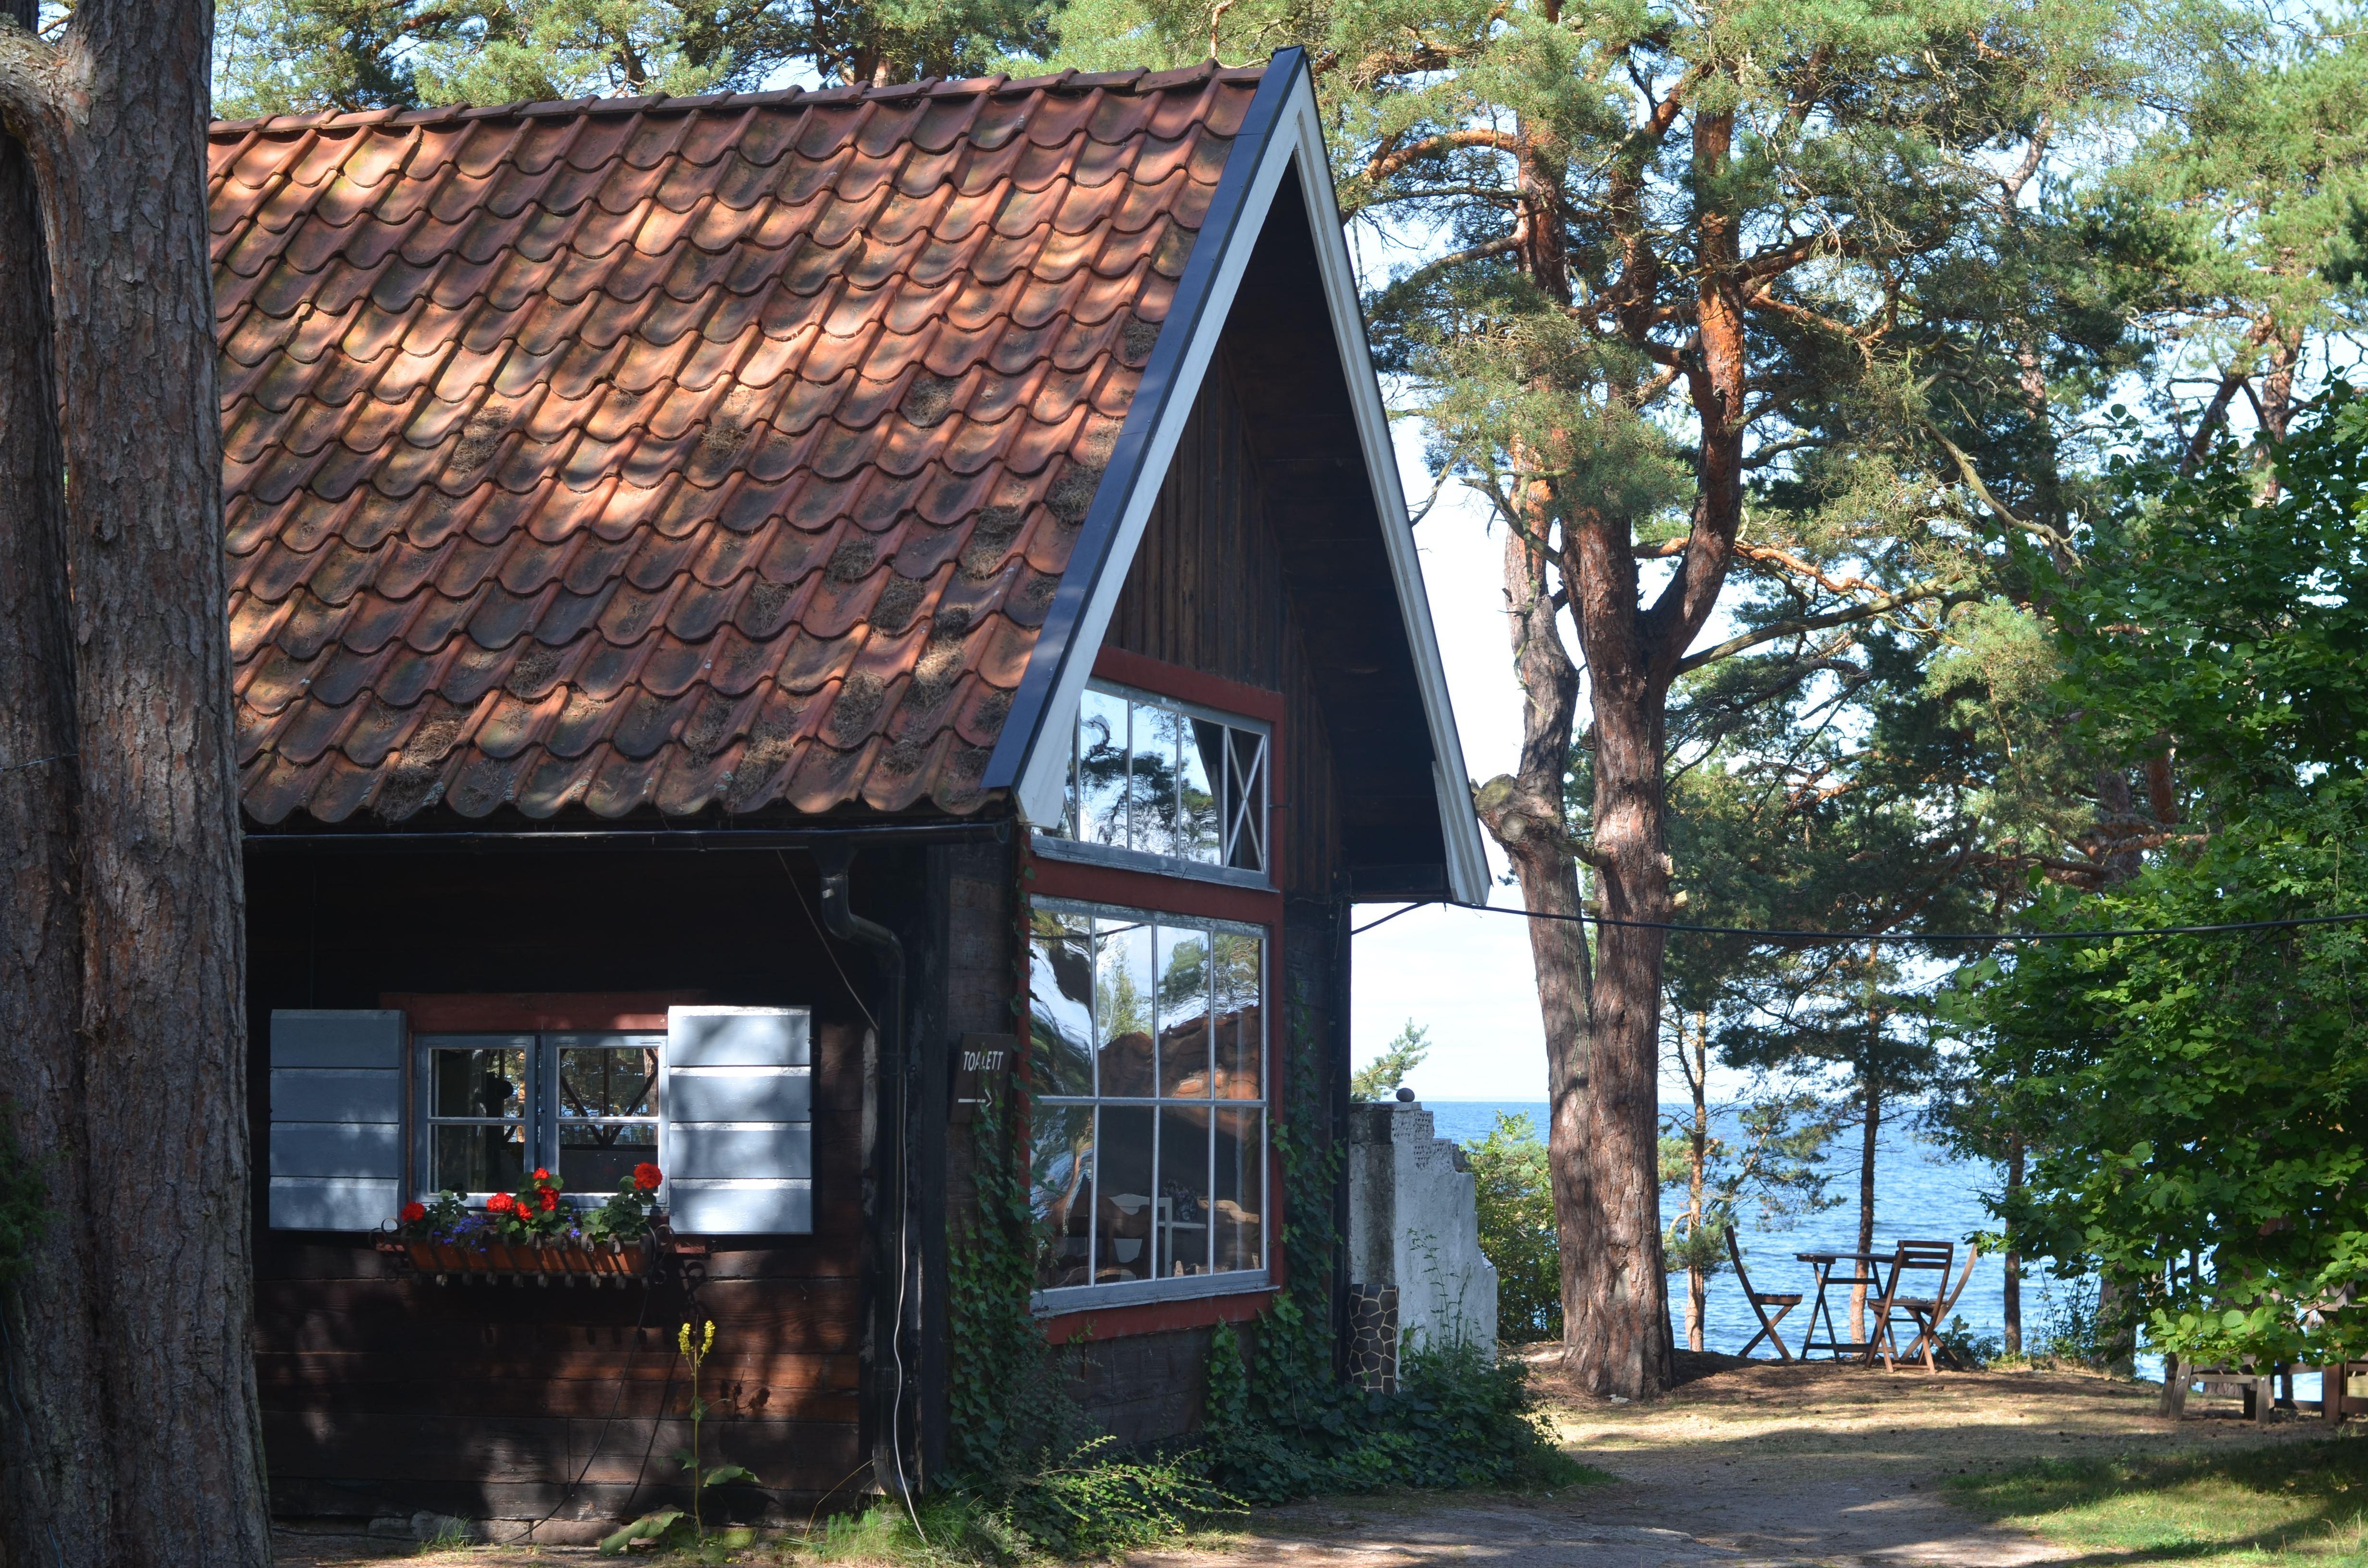 Café Haget in Byxelkrok